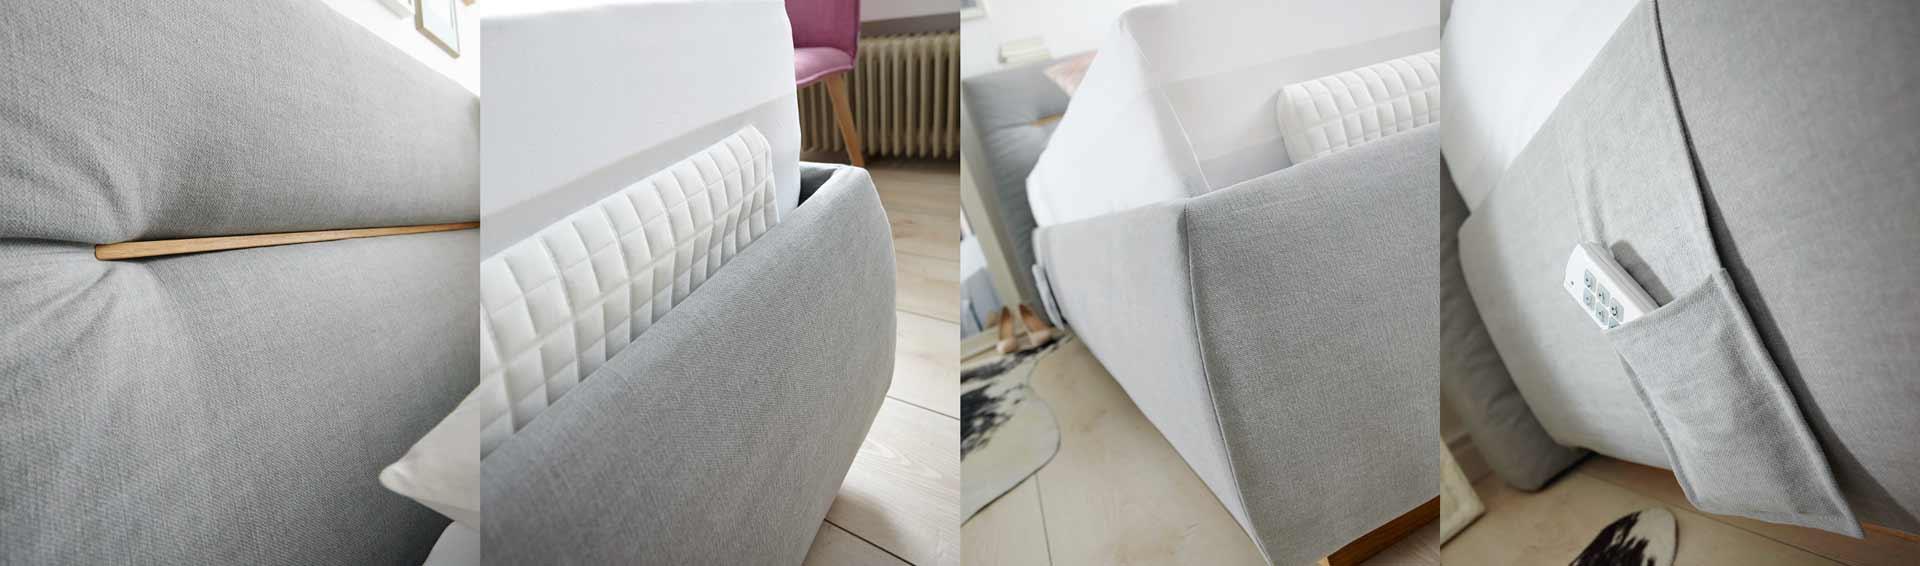 natura charlotte von natura einrichten in moormerland ot warsingsfehn nahe leer ostfriesland. Black Bedroom Furniture Sets. Home Design Ideas